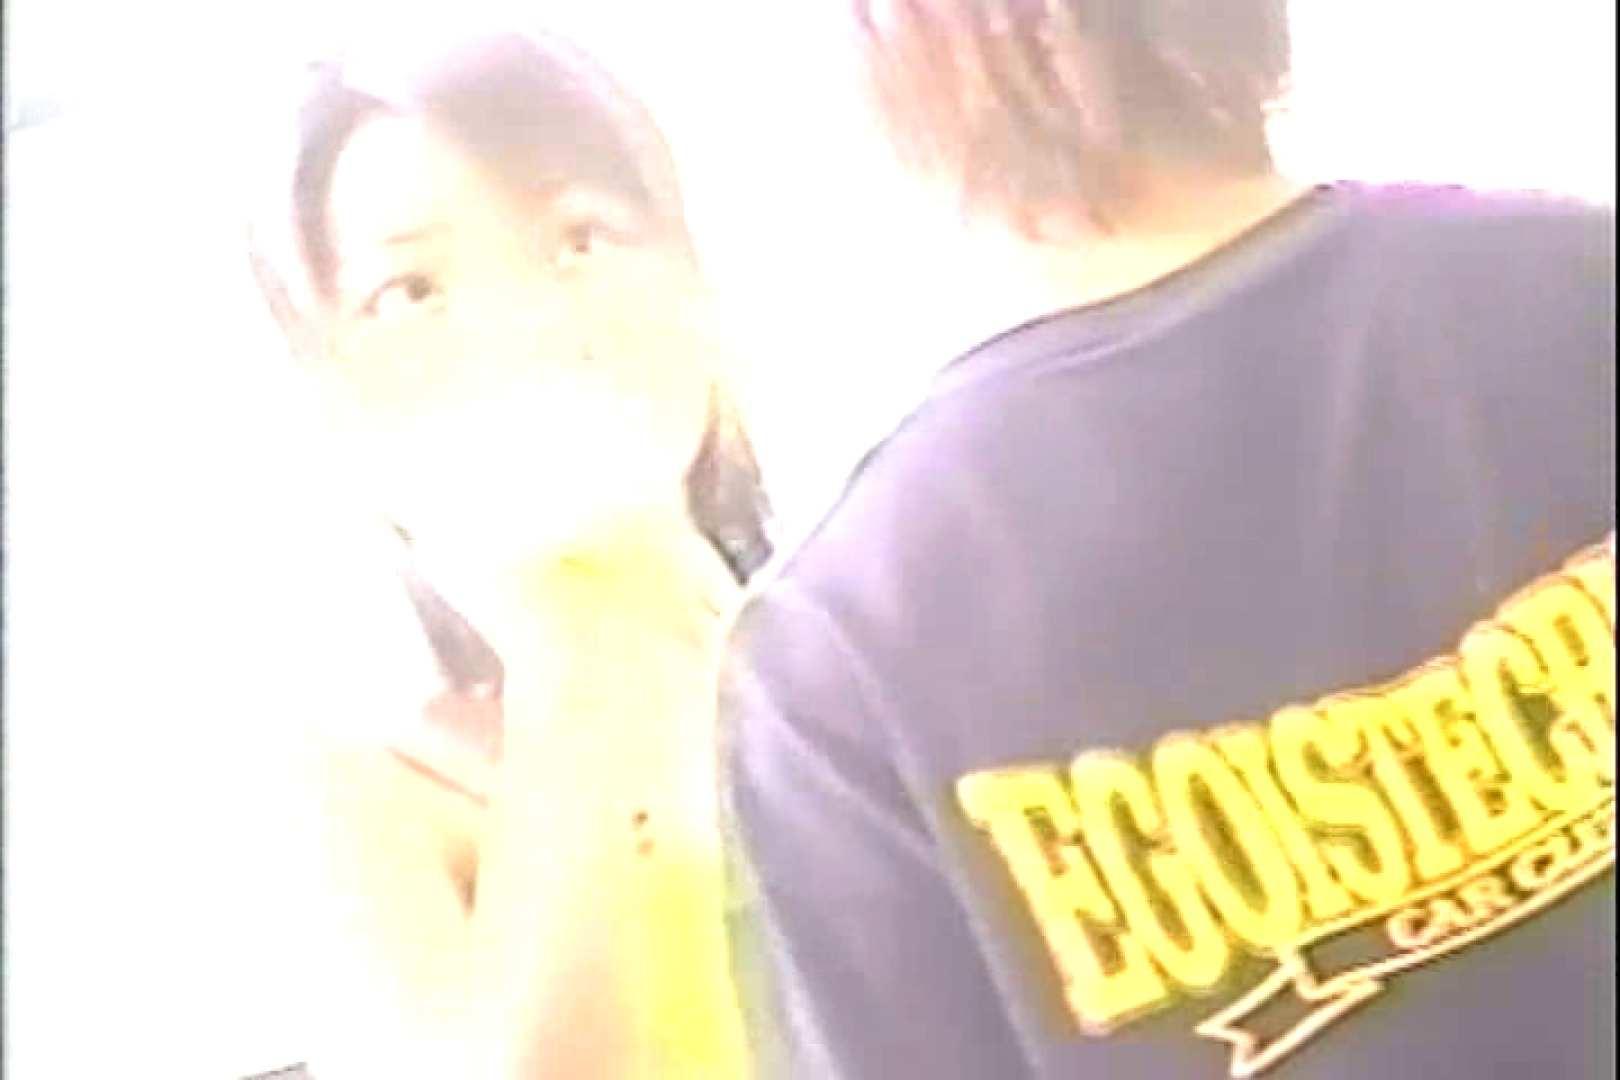 「ちくりん」さんのオリジナル未編集パンチラVol.3_01 お姉さんヌード  100画像 6